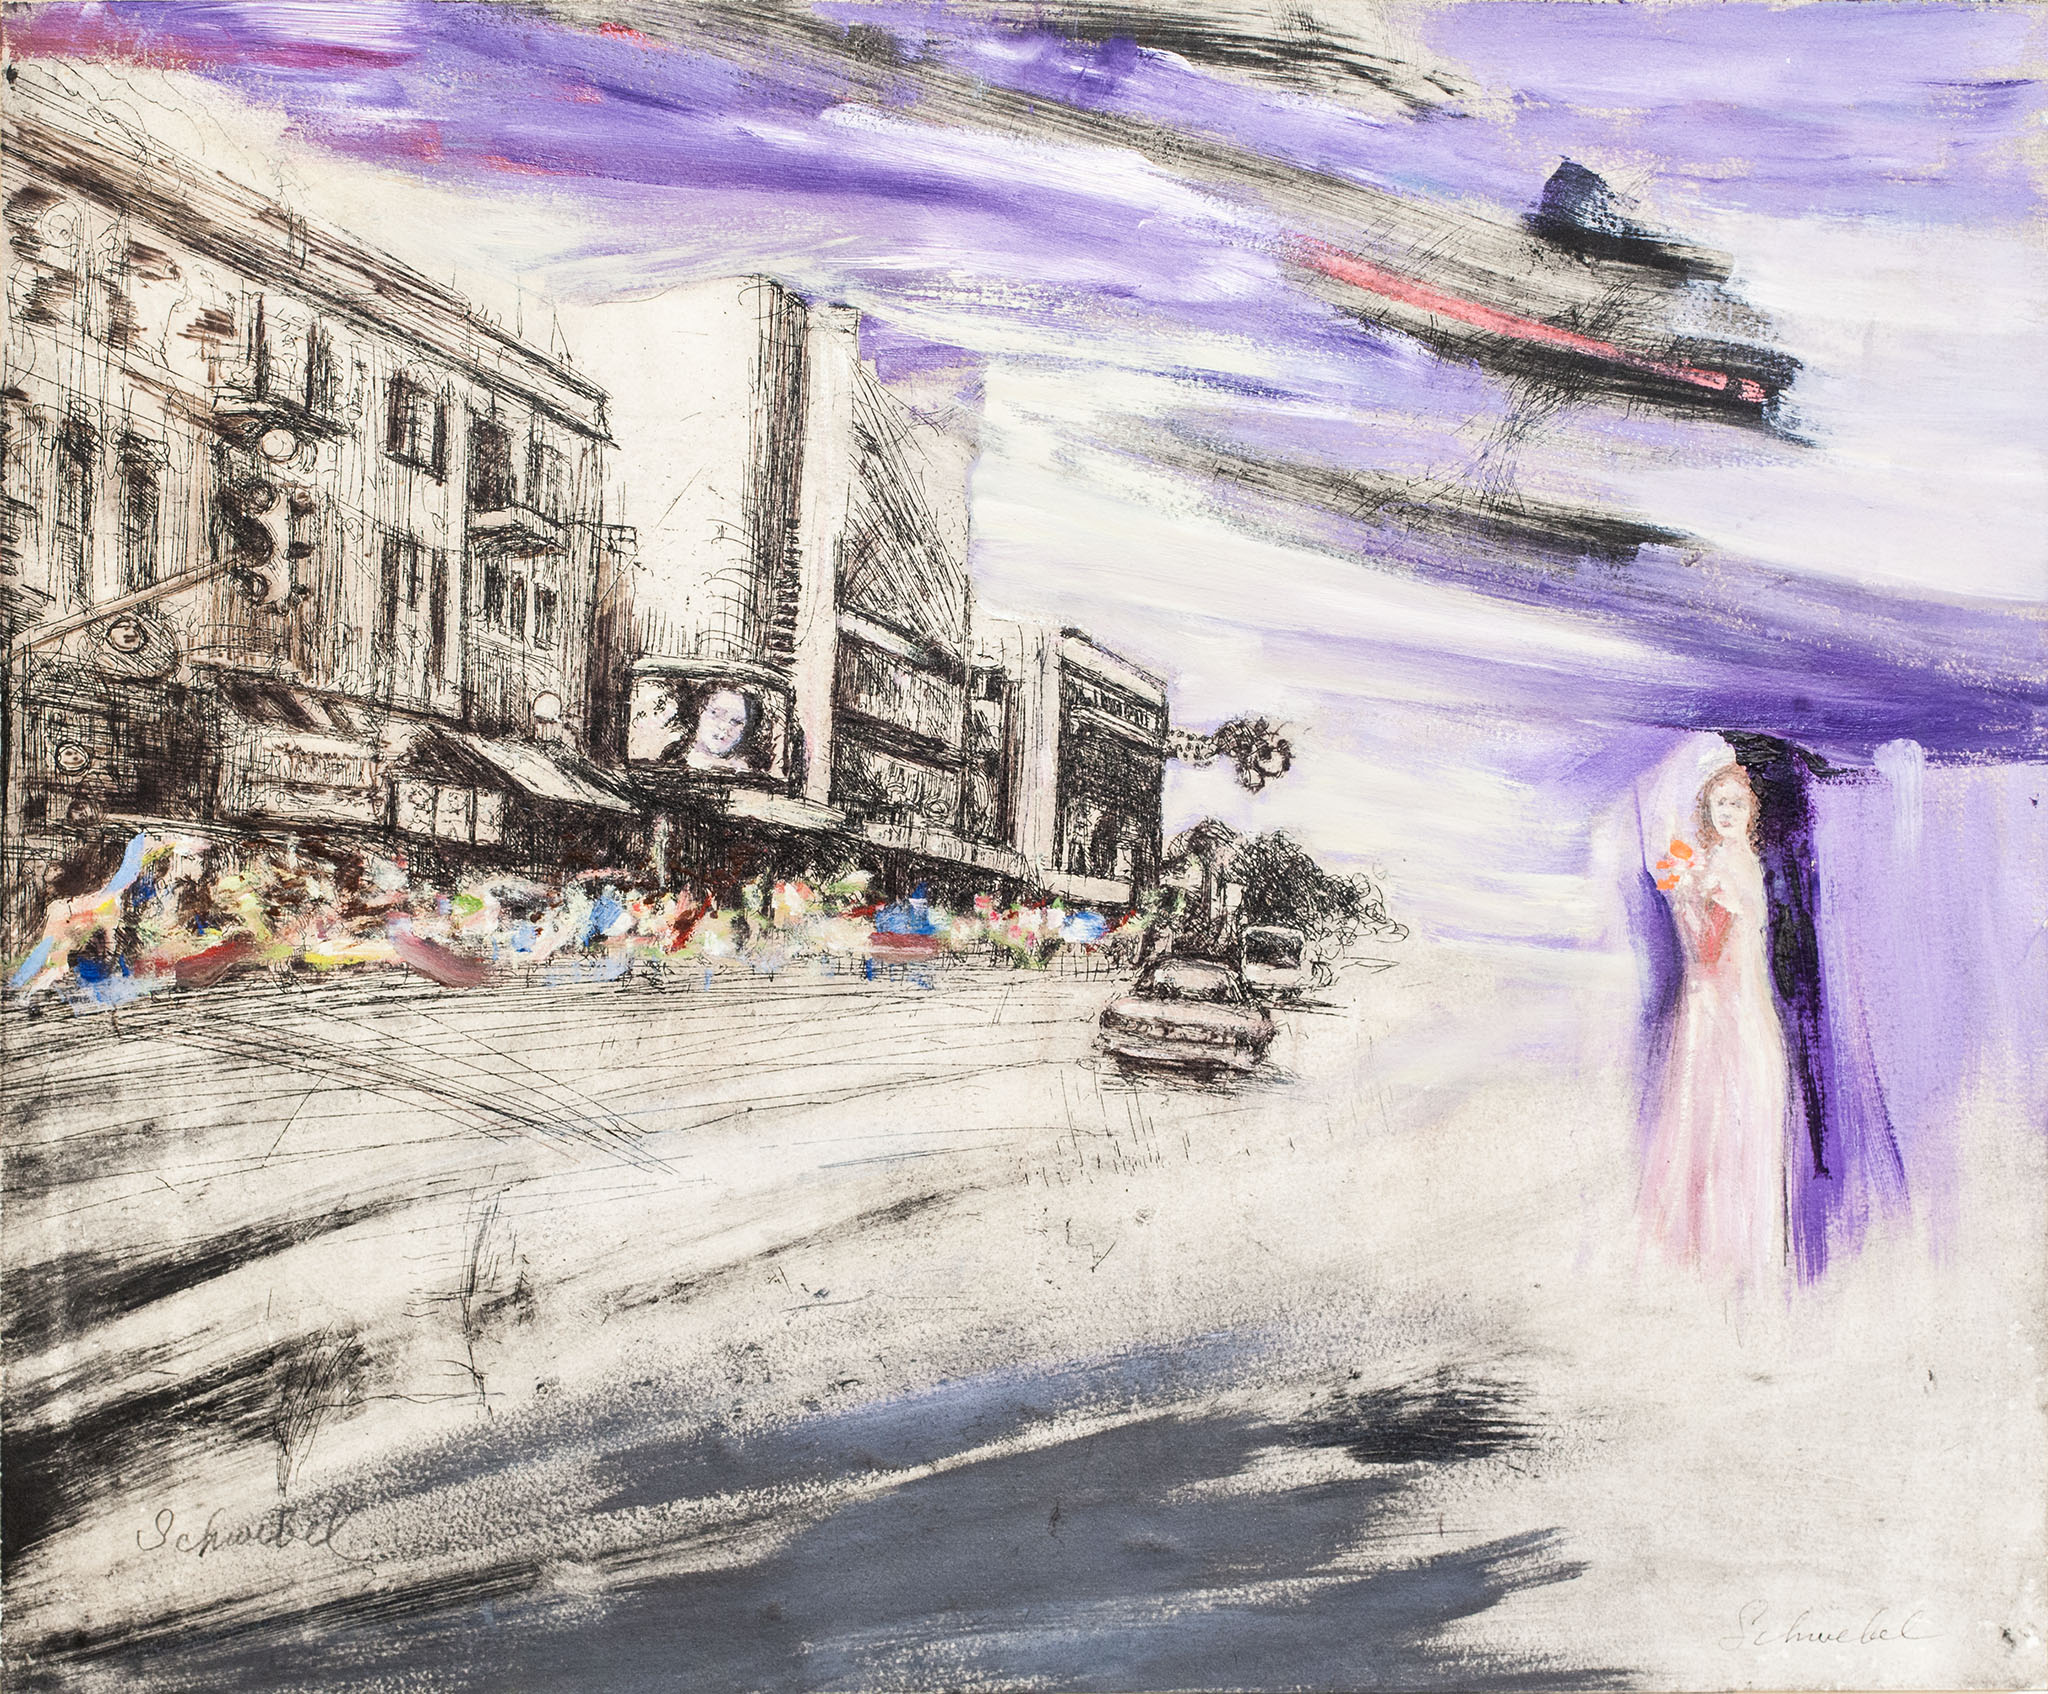 """איוון שוובל, """"קולנוע אלנבי"""", שמן ודיו על נייר מוצמד ללוח עץ, 58x48 ס""""מ"""